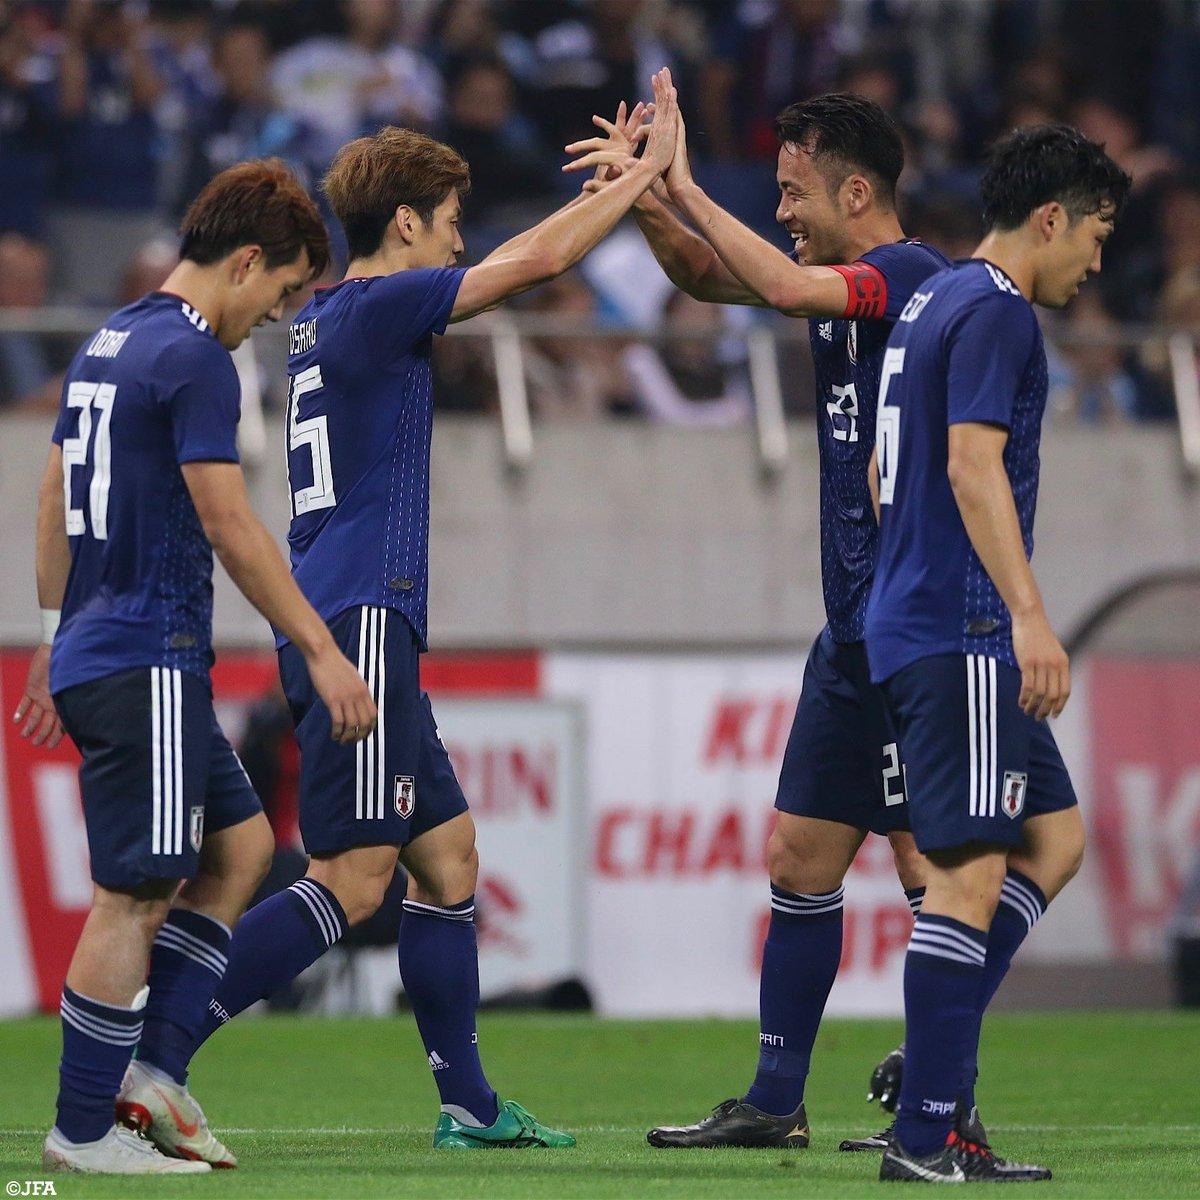 4-3で日本代表が、 ウルグアイ代表に勝利🇯🇵✨  ⚽️#南野拓実 ⚽️#大迫勇也 ⚽️#堂安律 ⚽️#南野拓実   #Jリーグ  #jfa #daihyo 試合レポートはこちら⏬ https://t.co/hQKuh9Aez2